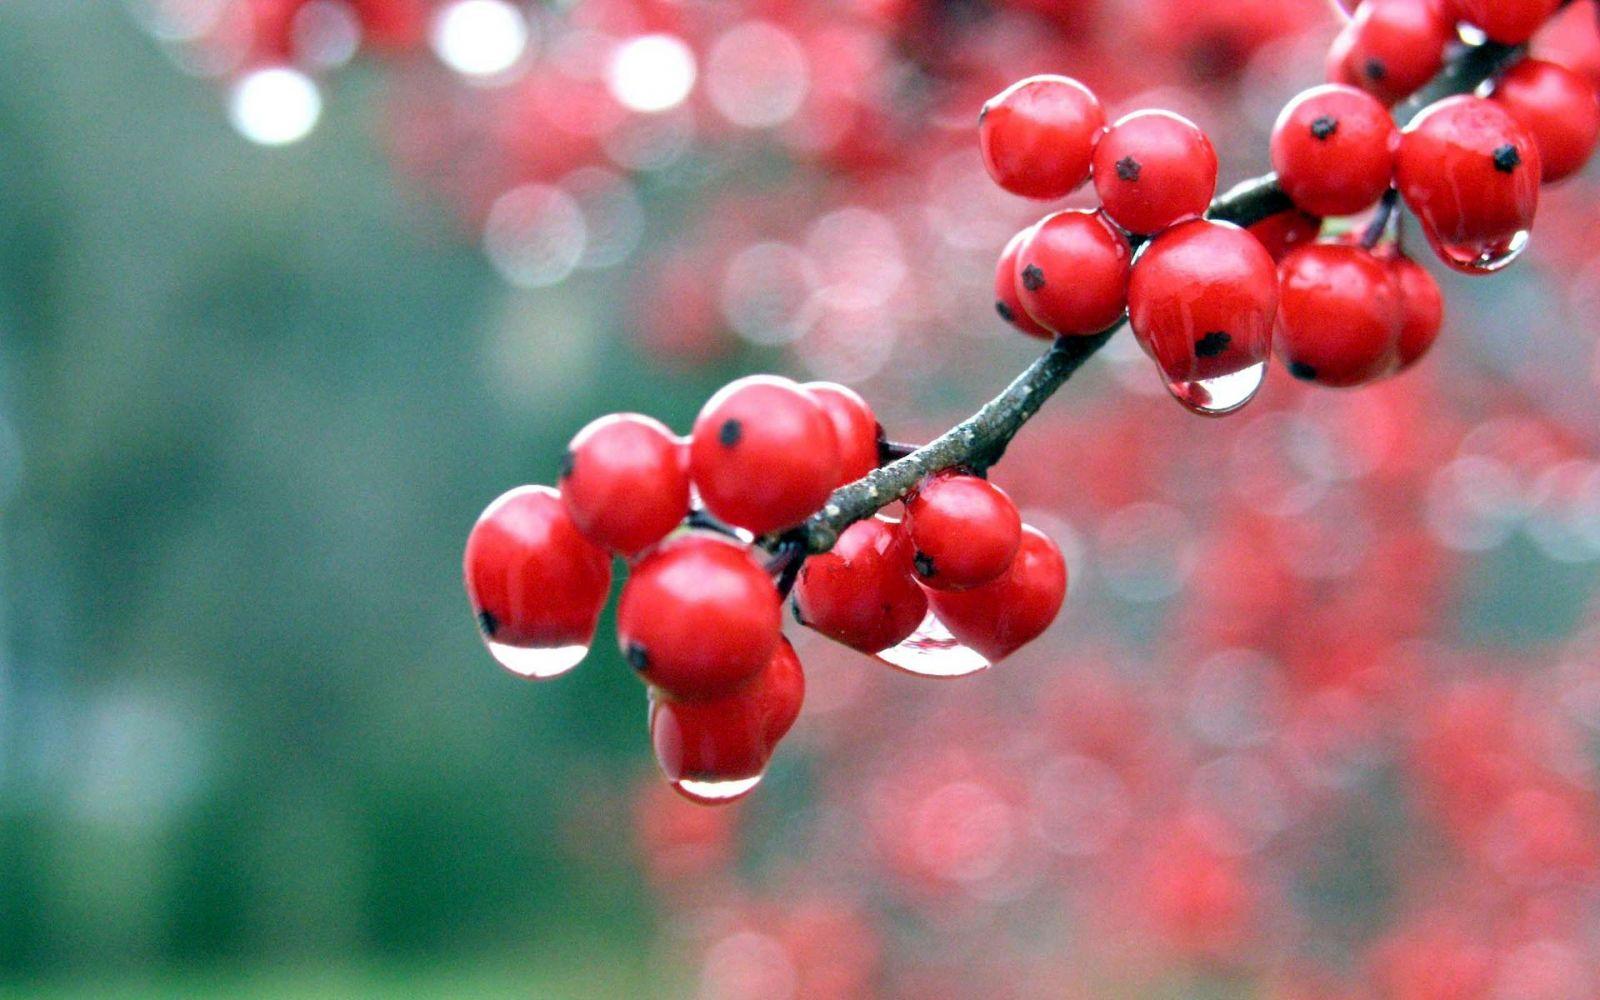 Калина — эффективное и очень вкусное целебное средство